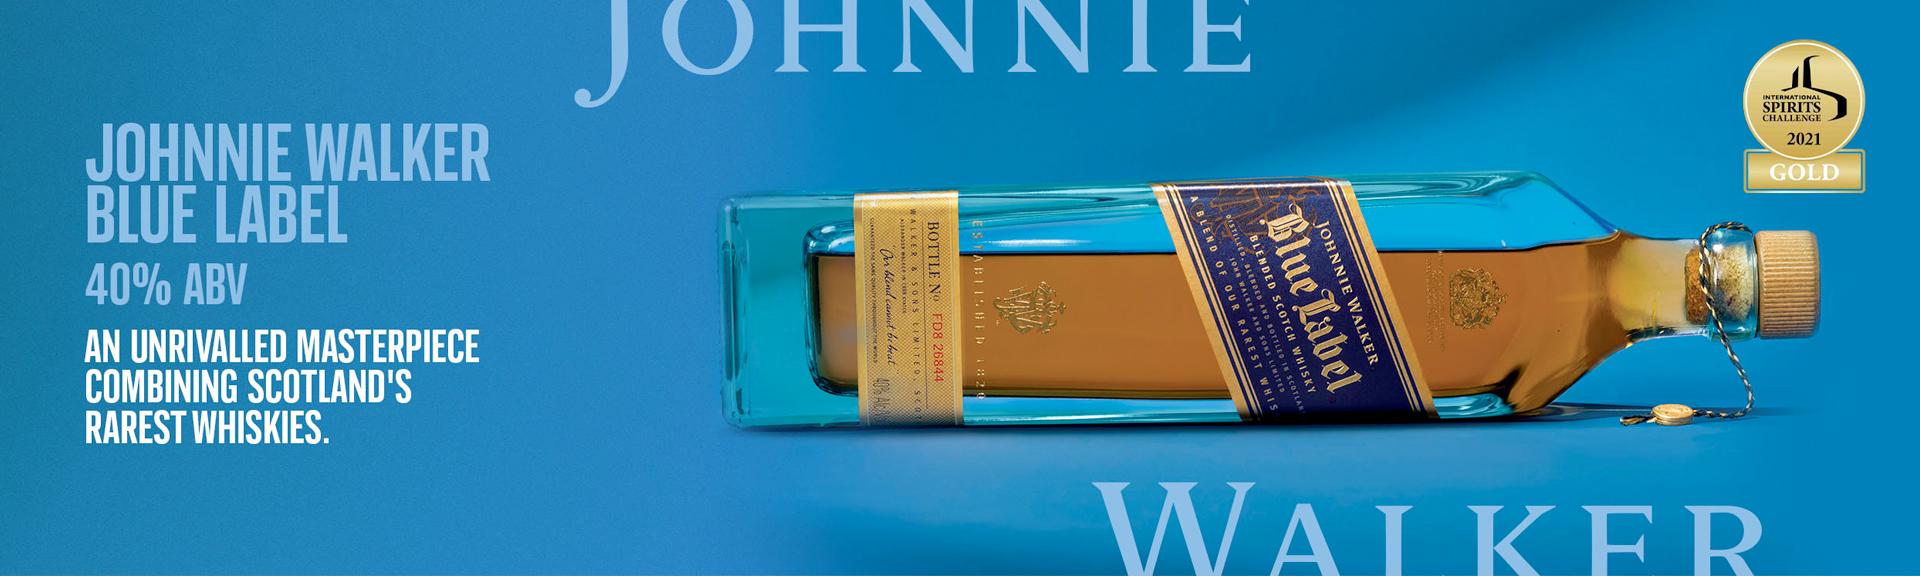 Johnnie Walker Blue Label Blended Scotch Whisky 1L